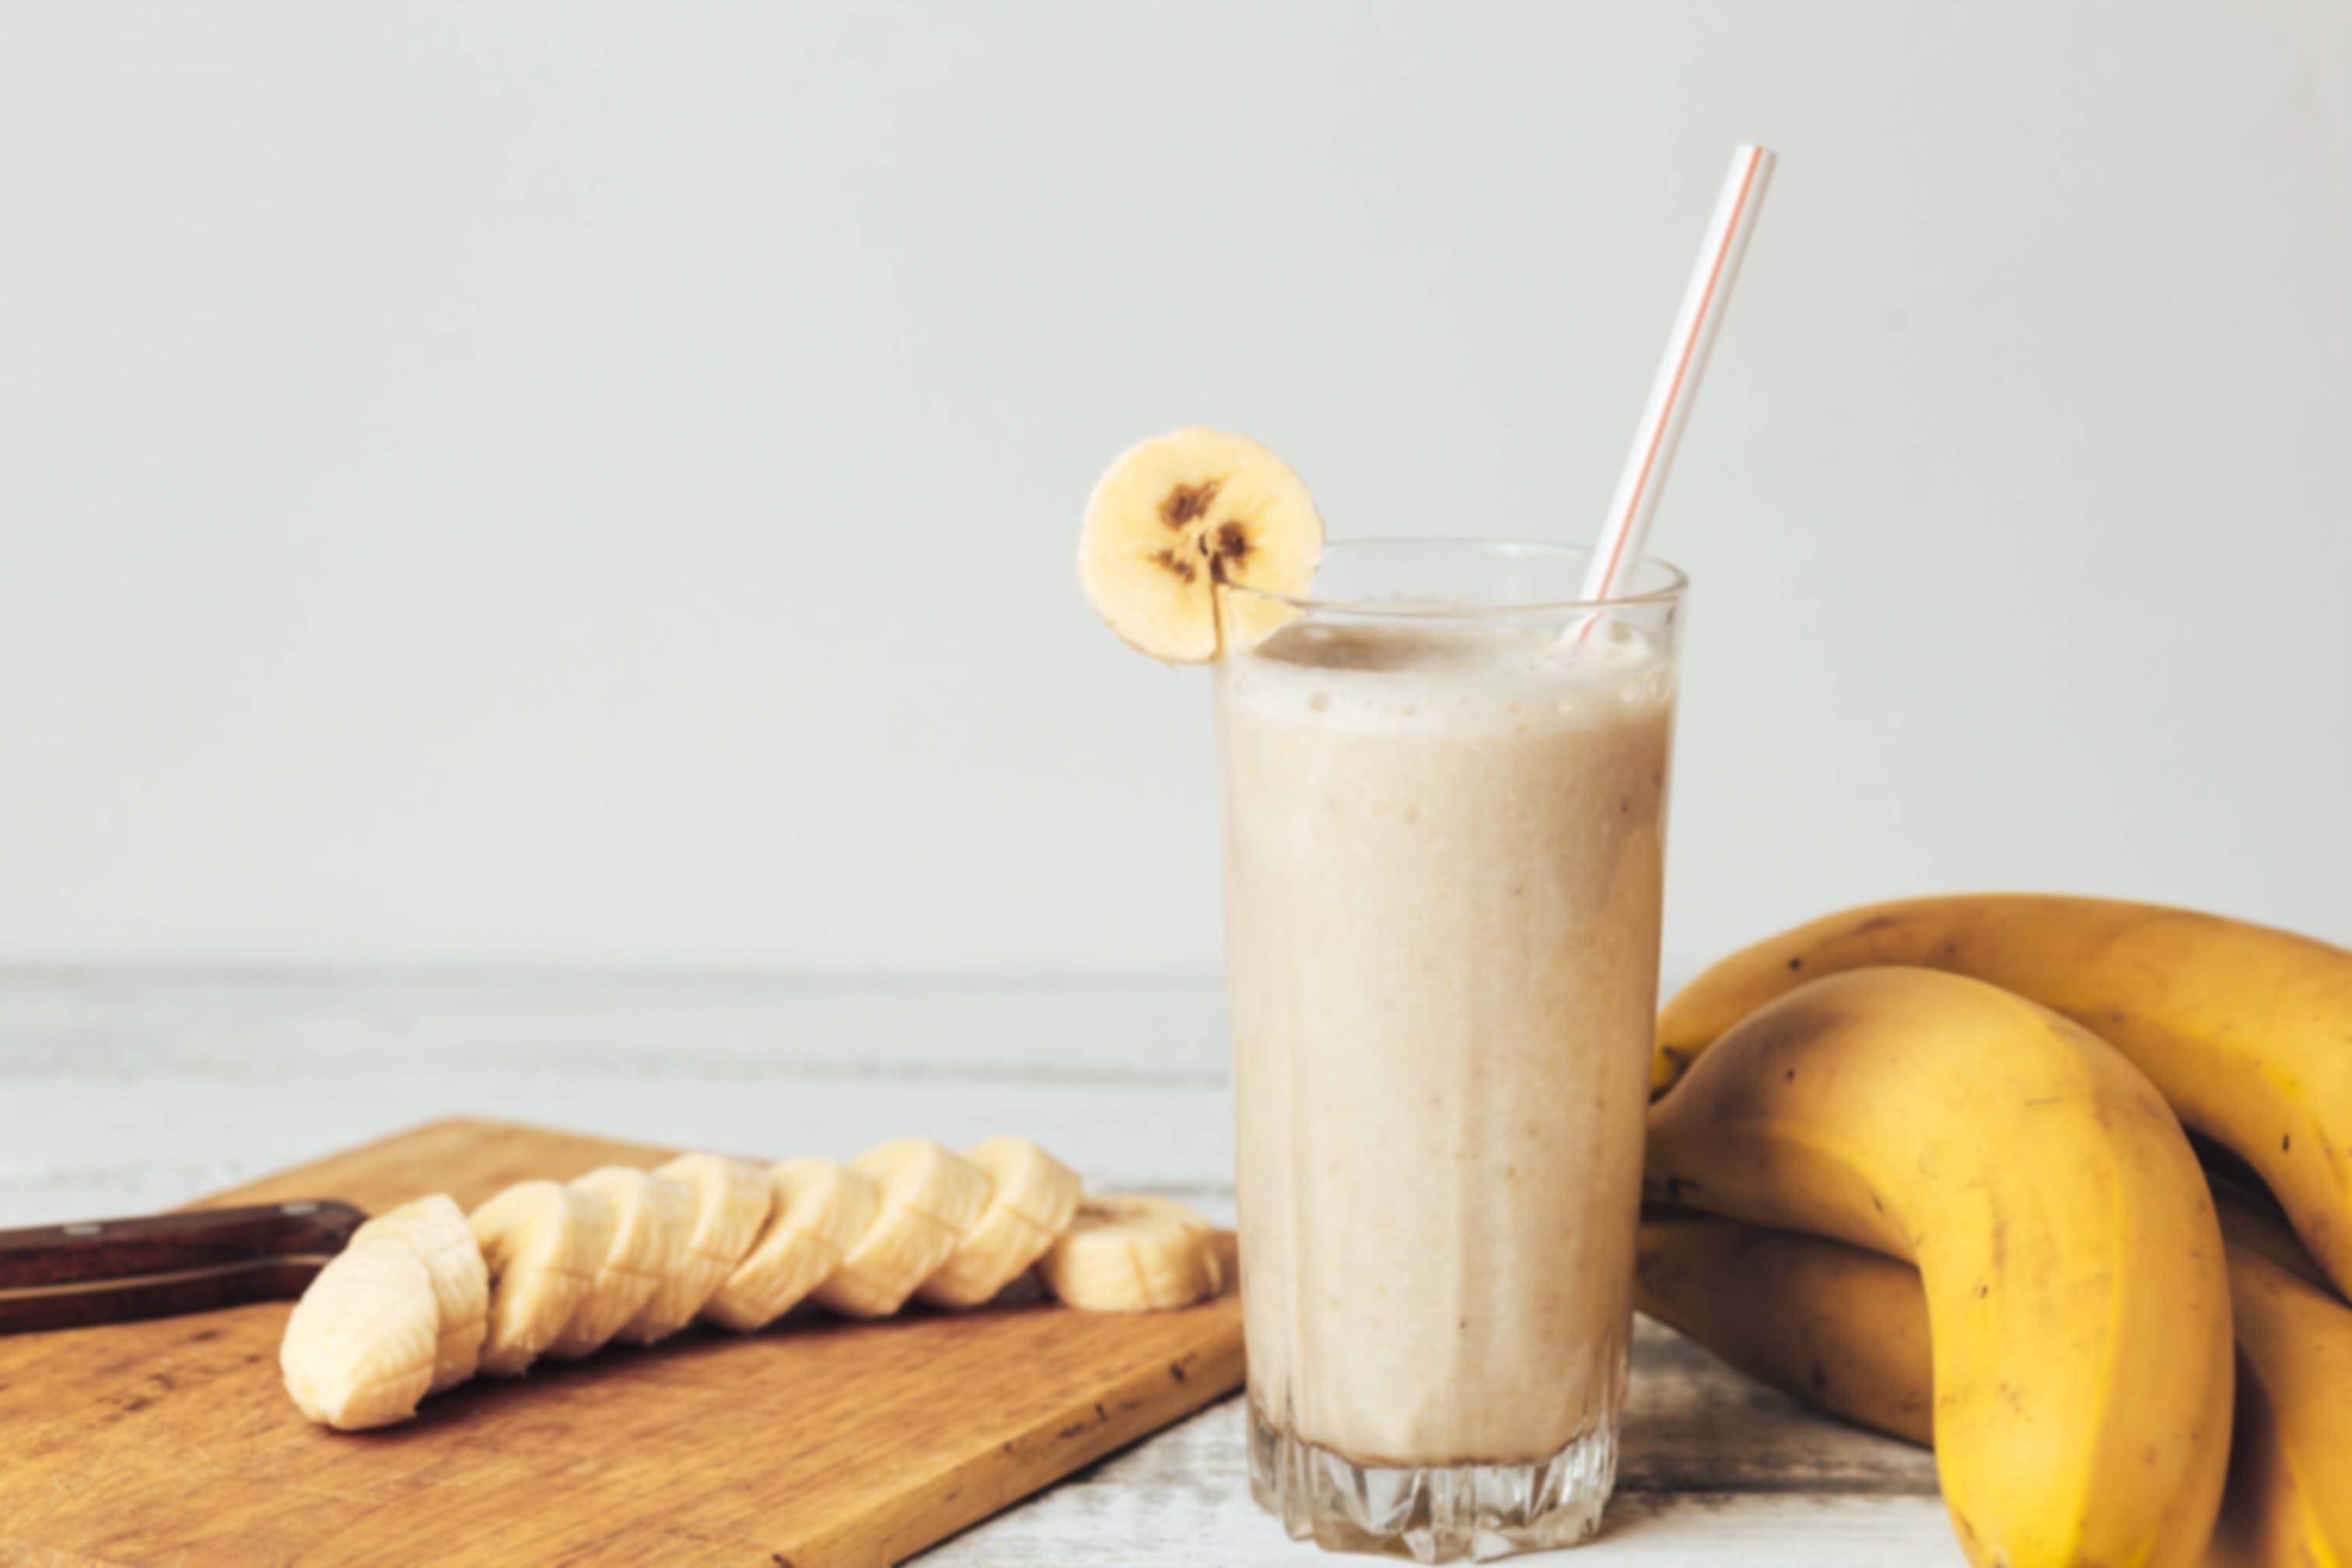 Smoothie in einem Glas mit einem Strohhalm. Umgebung mit geschnittenen und ganzen Bananen.